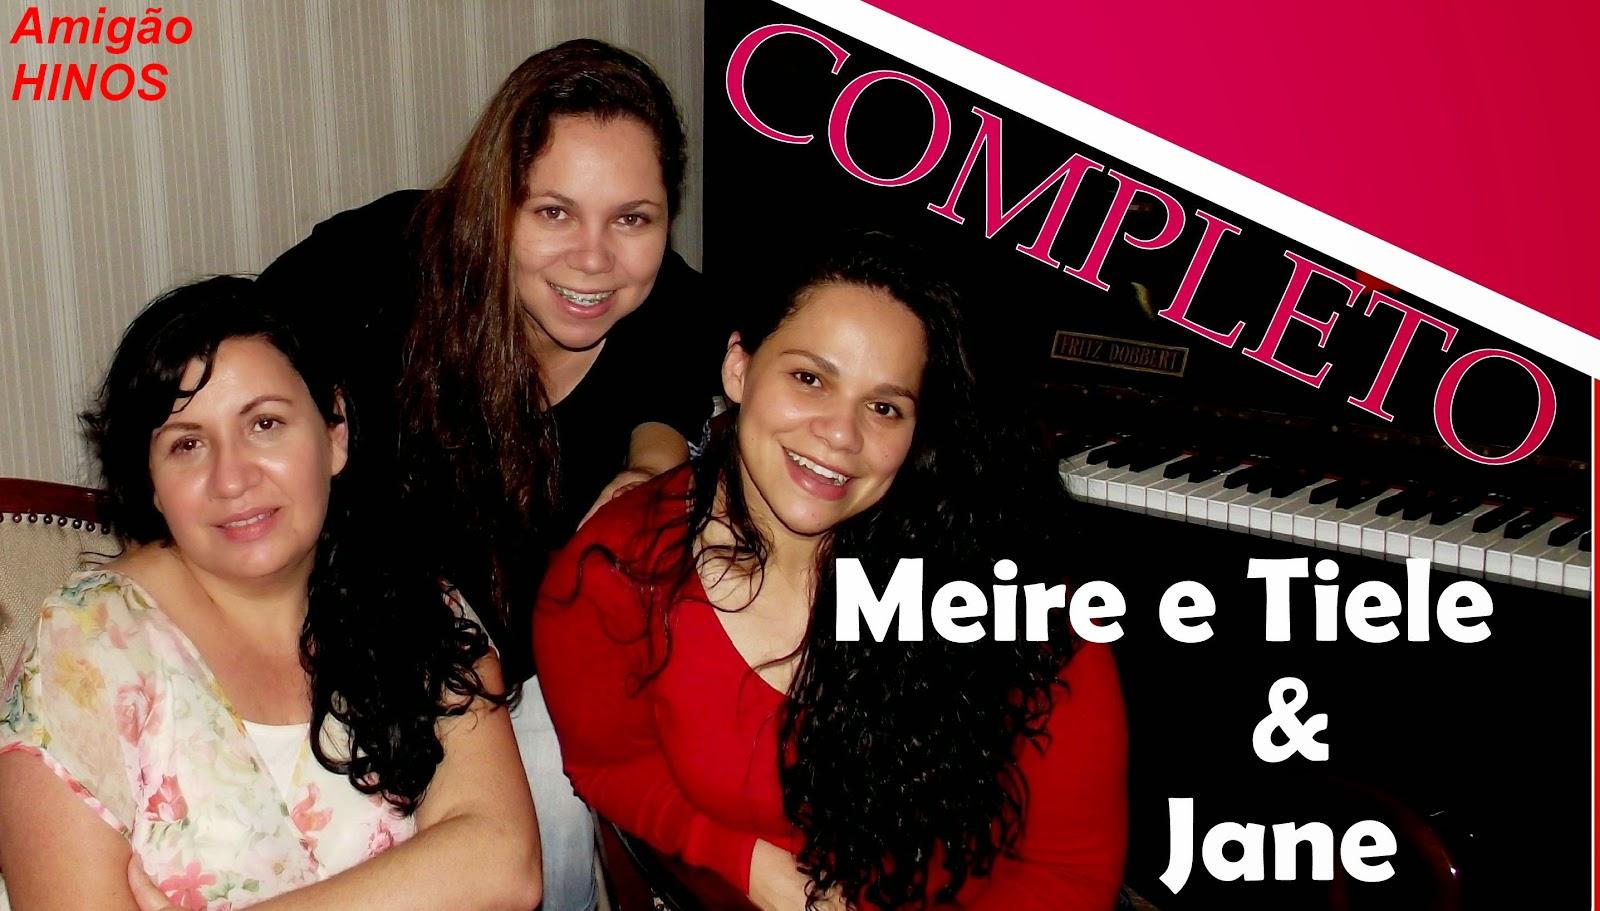 HINARIO 5 BAIXAR GRATIS CCB CANTADOS HINOS MP3